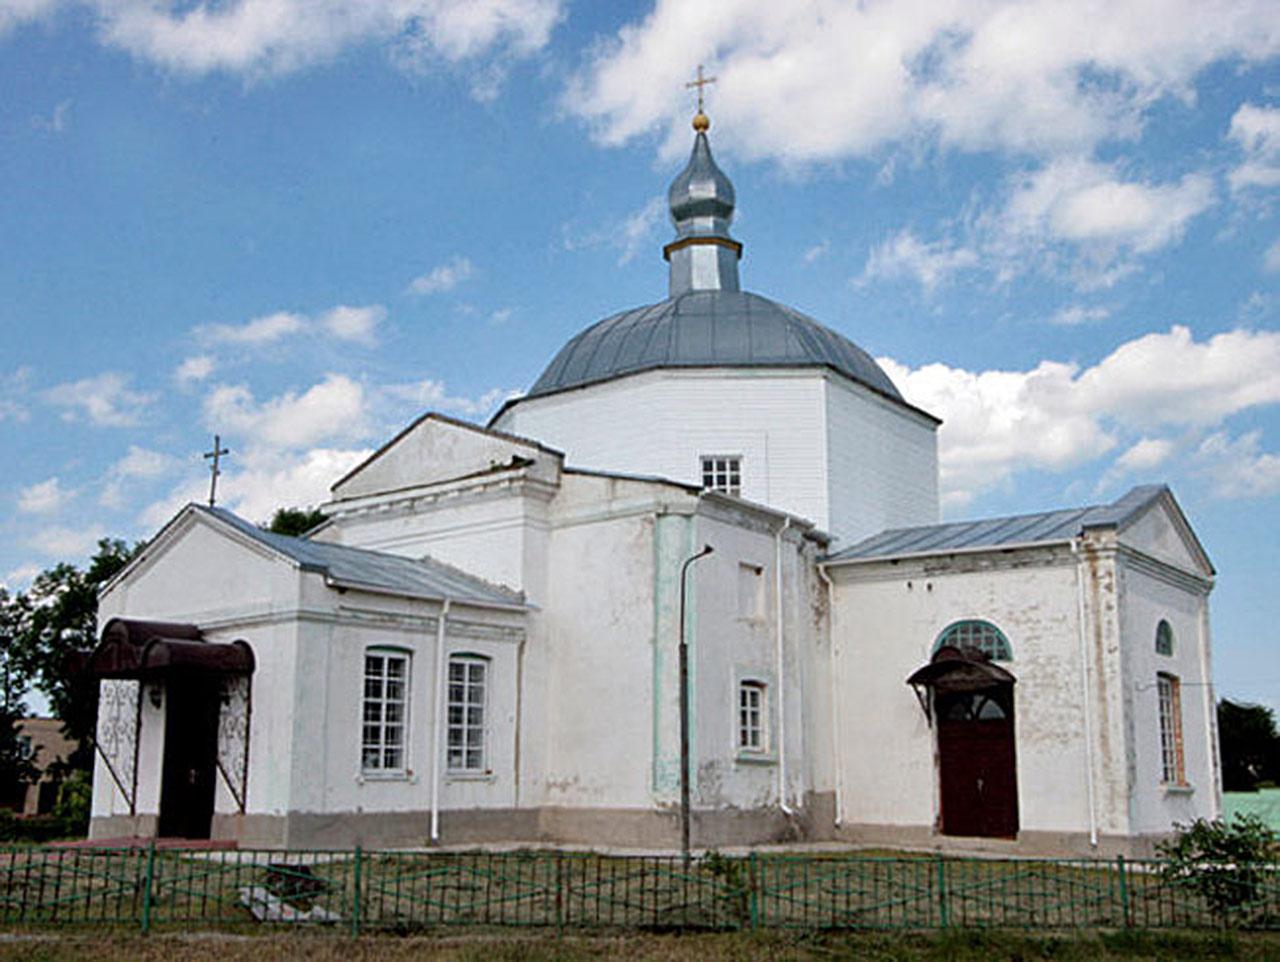 Kamienna cerkiew Wniebowzięcia Najświętszej Maryi Panny z 1821 roku w Piatyhorach. Źródło - ukrainaincognita.com